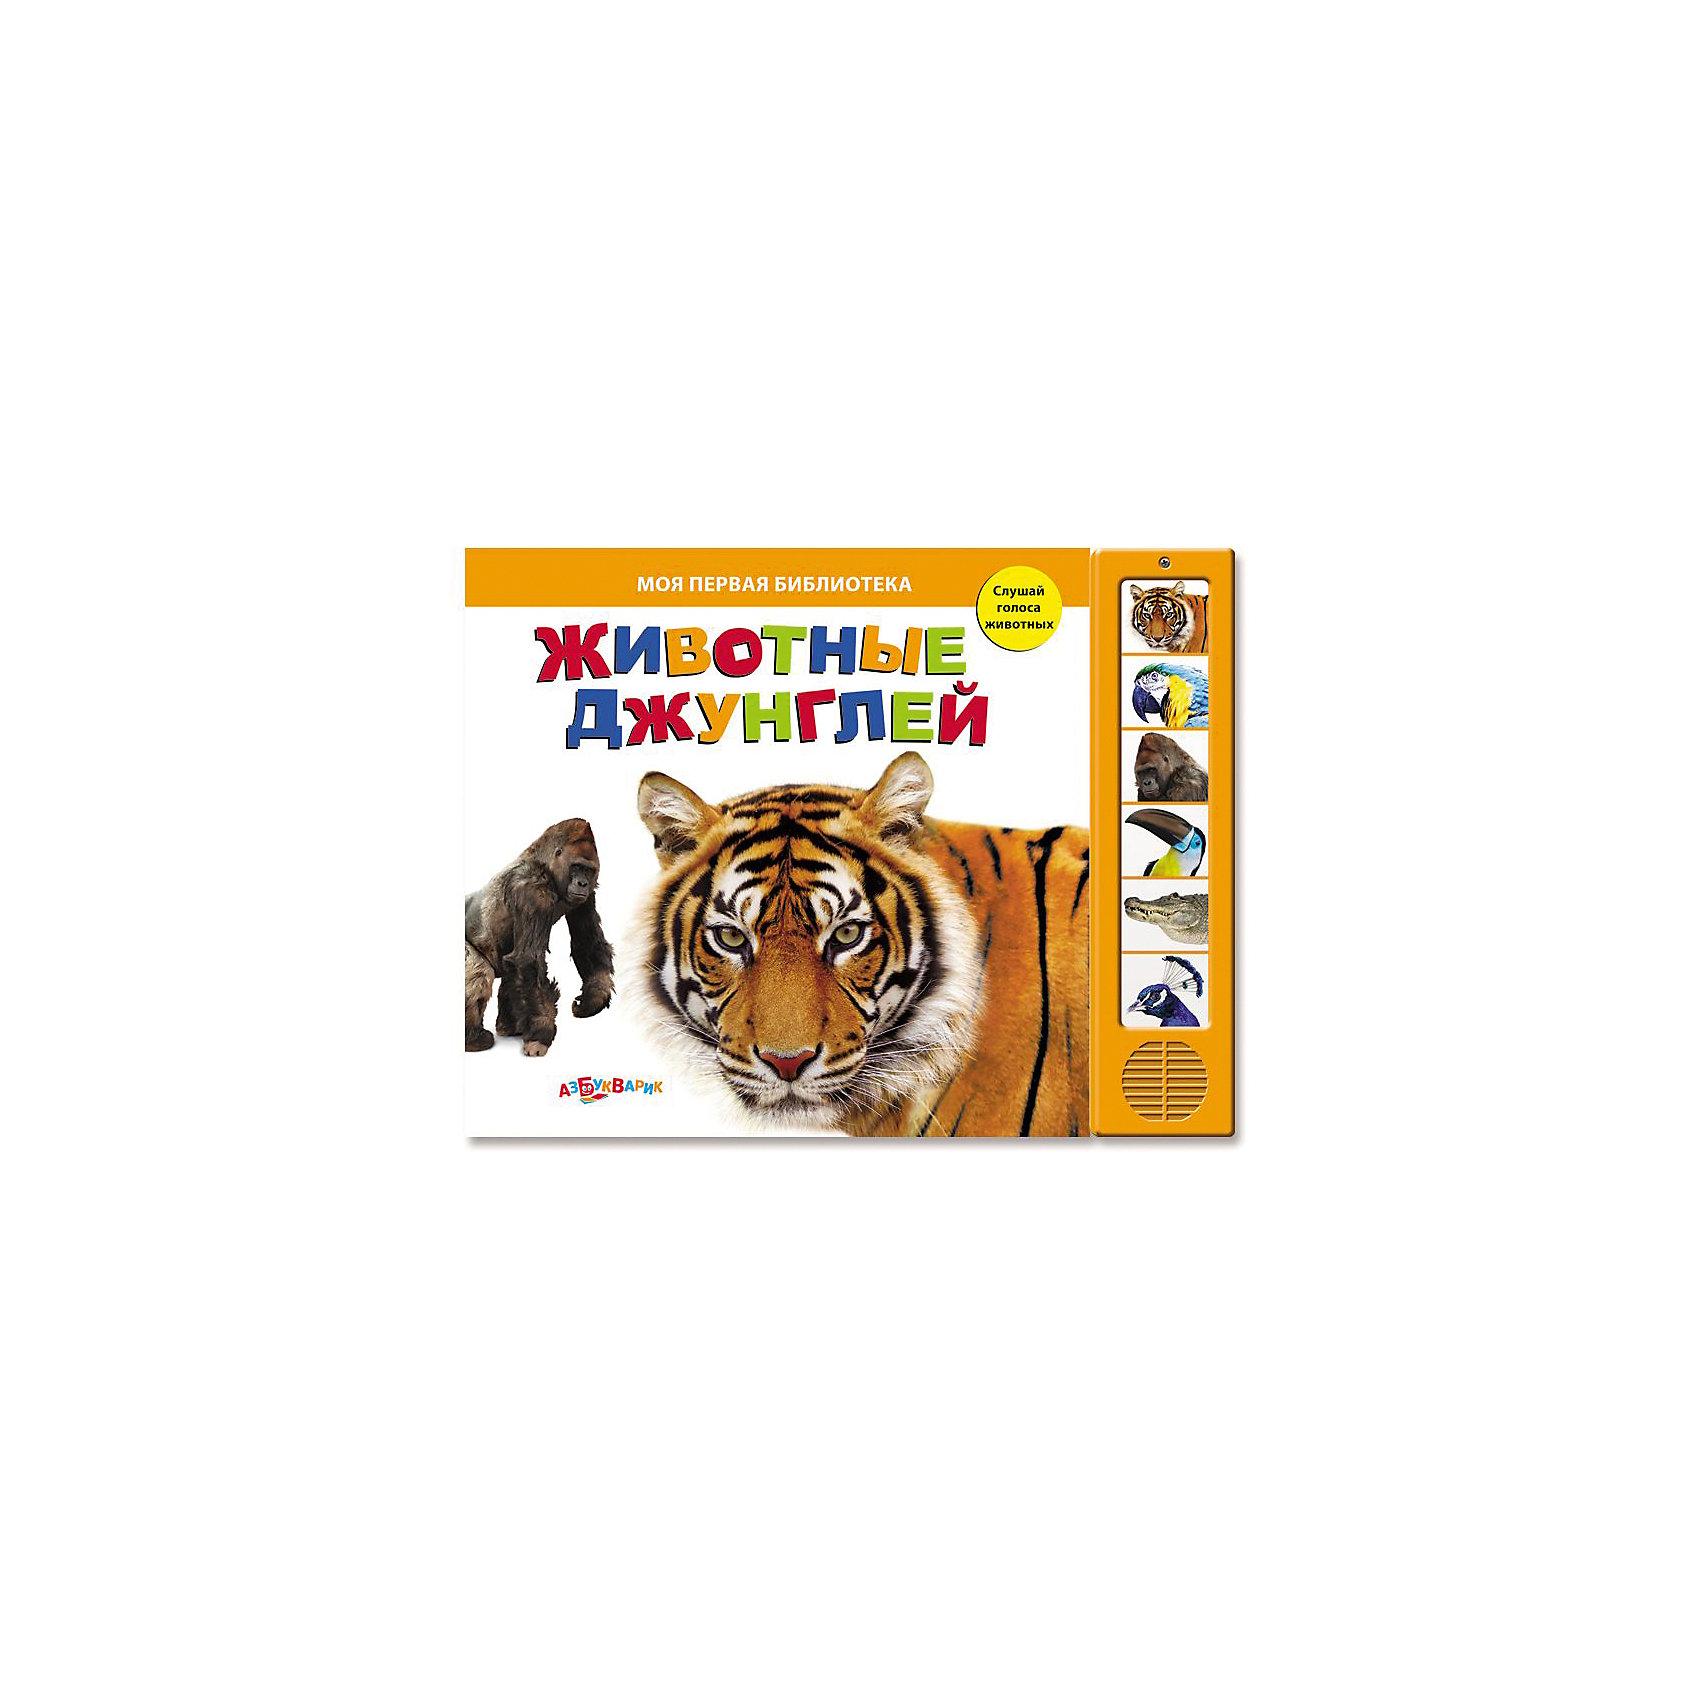 Книга с 10 кнопками Животные джунглейКнига Животные джунглей Моя первая библиотека – это яркая красочная книга со звуковым модулем.<br>Эта волшебная книжка с яркими фотографиями просто и доступно расскажет детям о животных, которые живут в джунглях! Ваш малыш сможет узнать все о горилле и тигре, попугае ара и тукане, павлине и крокодиле! Книга очень красочная, она обязательно понравится вашему малышу! На модуле с шестью кнопками записаны реалистичные звуки. Интересное путешествие по страничкам великолепной книжки поможет малышу развить наблюдательность и кругозор, пополнит его словарный запас, а также поможет развитию образного мышления и воображения. Познавательный текст адаптирован специально для малышей.<br><br>Дополнительная информация:<br><br>- Редактор-составитель: Елена Горожан<br>- Издательство: Азбукварик Групп<br>- Серия: Моя первая библиотека<br>- Тип обложки: картон<br>- Оформление: со звуковым модулем<br>- Количество страниц: 12 (картон)<br>- Иллюстрации: цветные<br>- Батарейки: 3 типа L1154 (в комплекте демонстрационные)<br>- Размер: 250х15х190 мм.<br>- Вес: 475 гр.<br><br>Книгу Животные джунглей Моя первая библиотека можно купить в нашем интернет-магазине.<br><br>Ширина мм: 230<br>Глубина мм: 15<br>Высота мм: 300<br>Вес г: 470<br>Возраст от месяцев: 36<br>Возраст до месяцев: 72<br>Пол: Унисекс<br>Возраст: Детский<br>SKU: 3803638